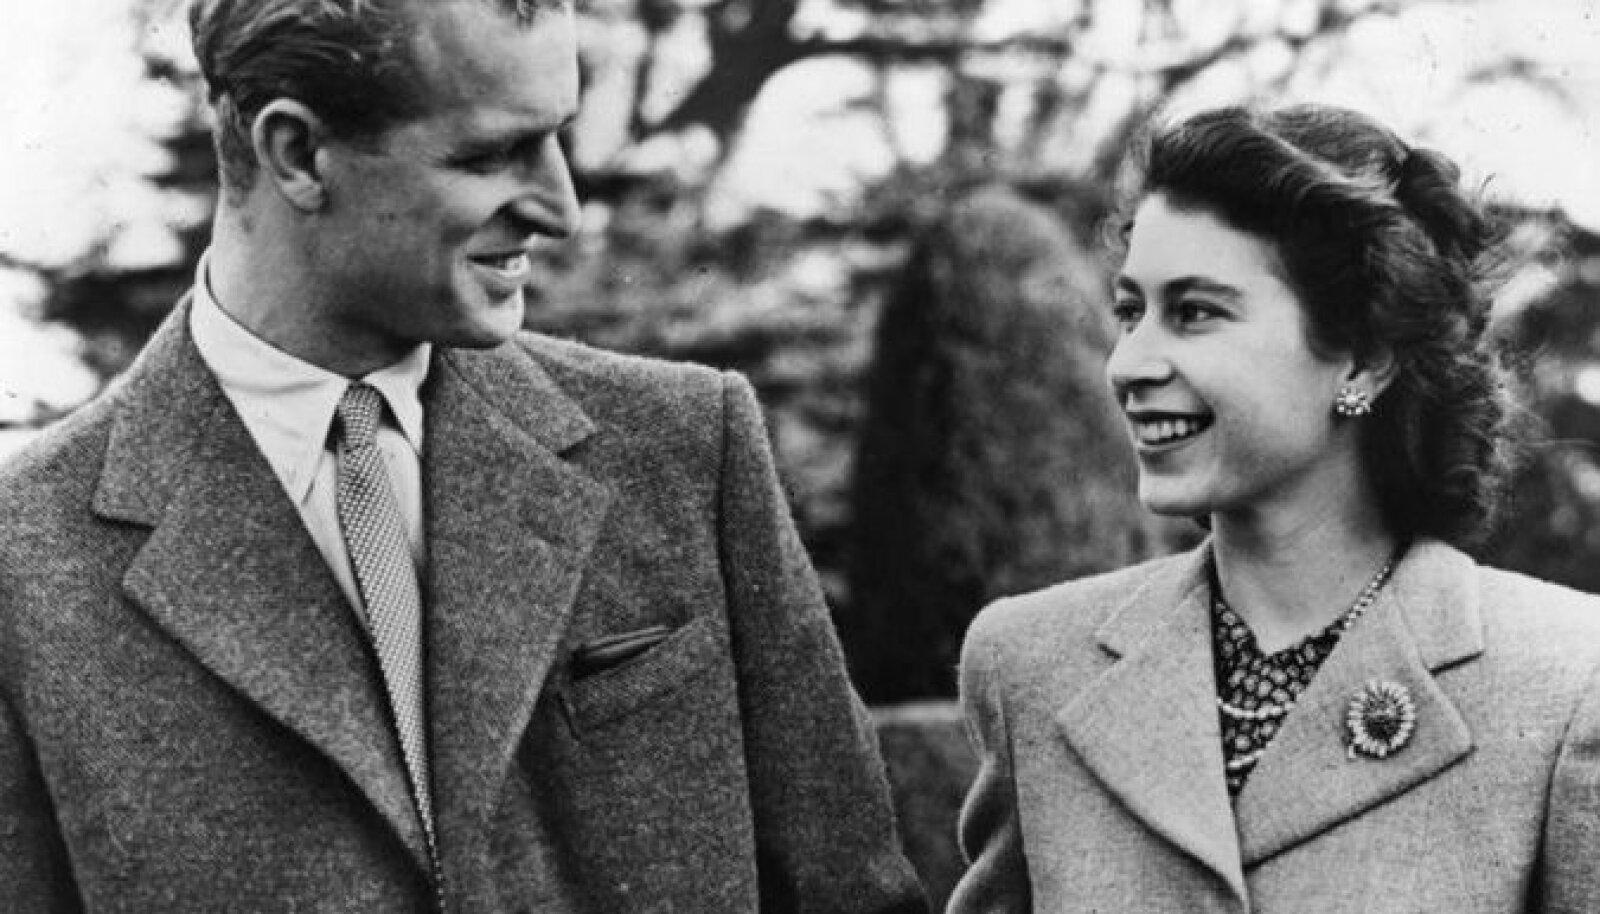 23 ноября 1947 года: принцесса Елизавета и принц Филипп во время медового месяца в поместье Бродлендс, графство Гэмпшир